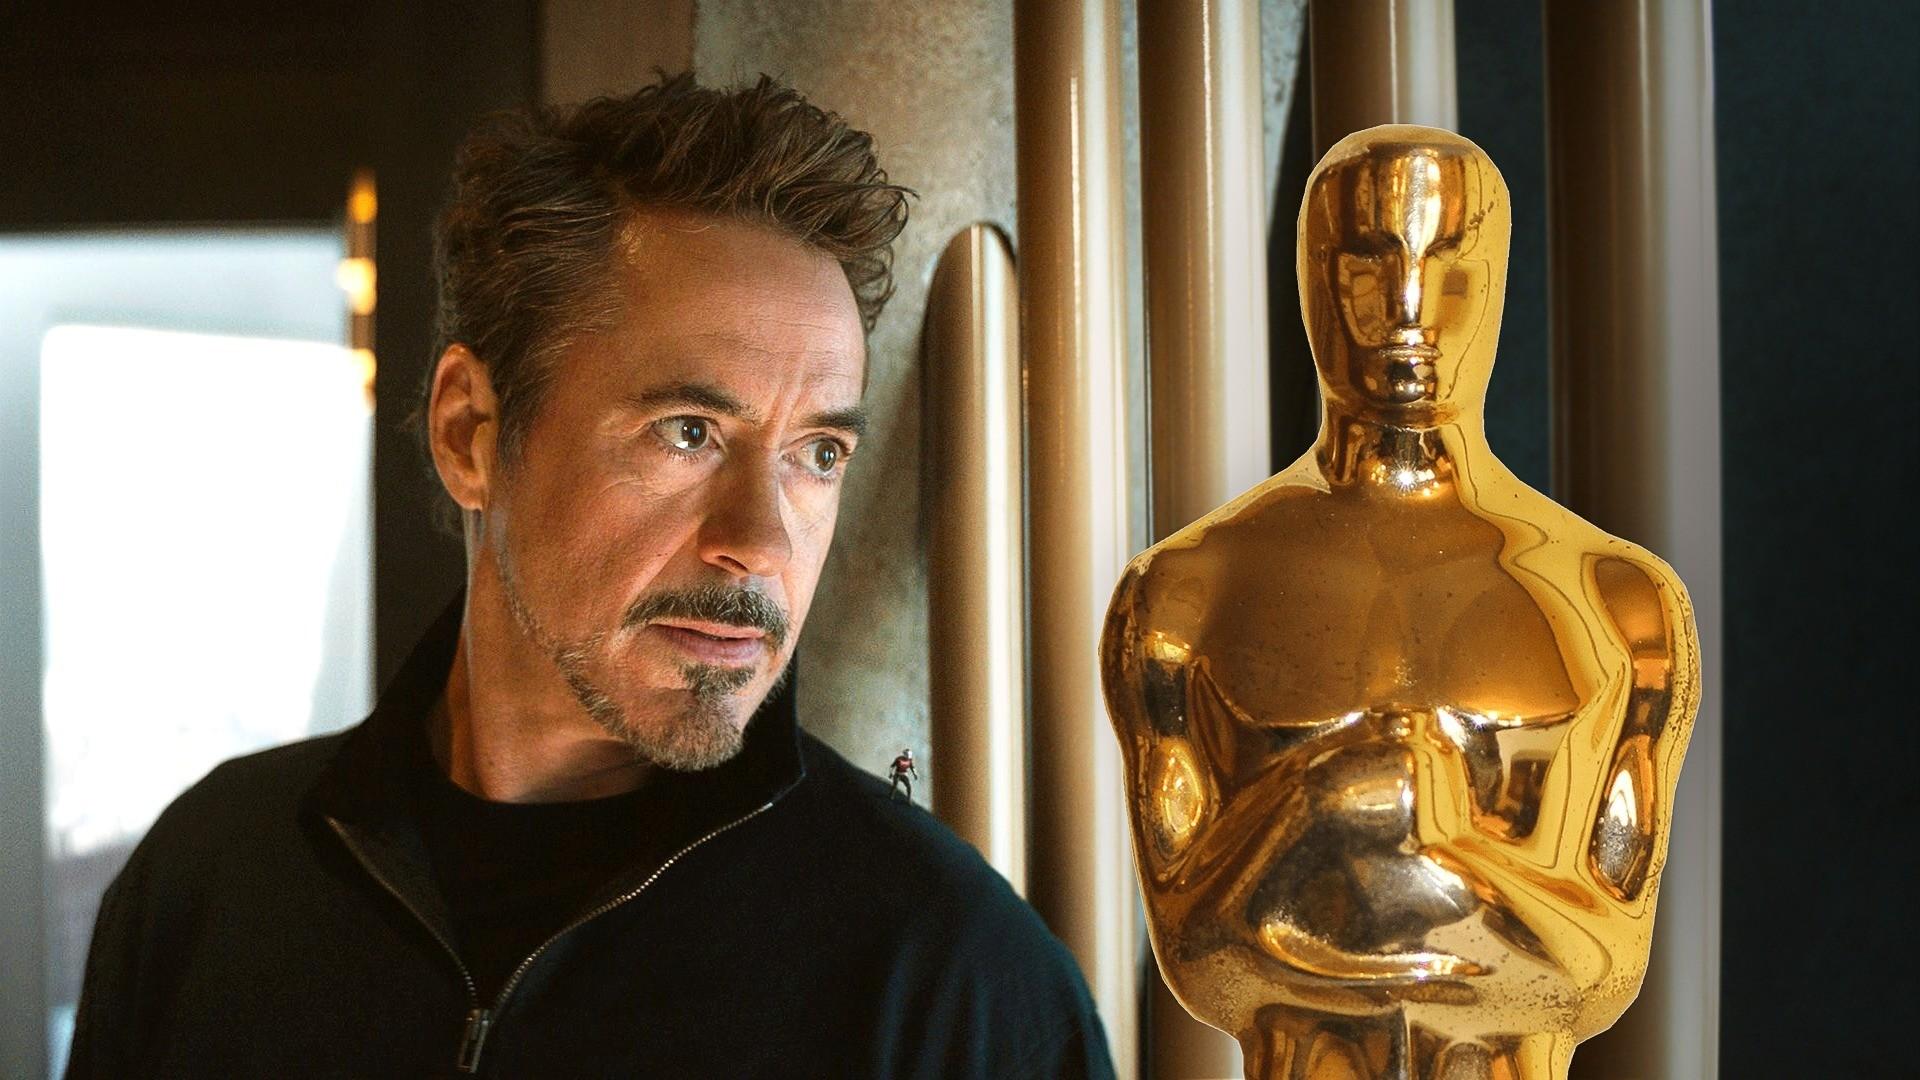 Dostane Robert Downey Jr. Oscara za Avengers Endgame